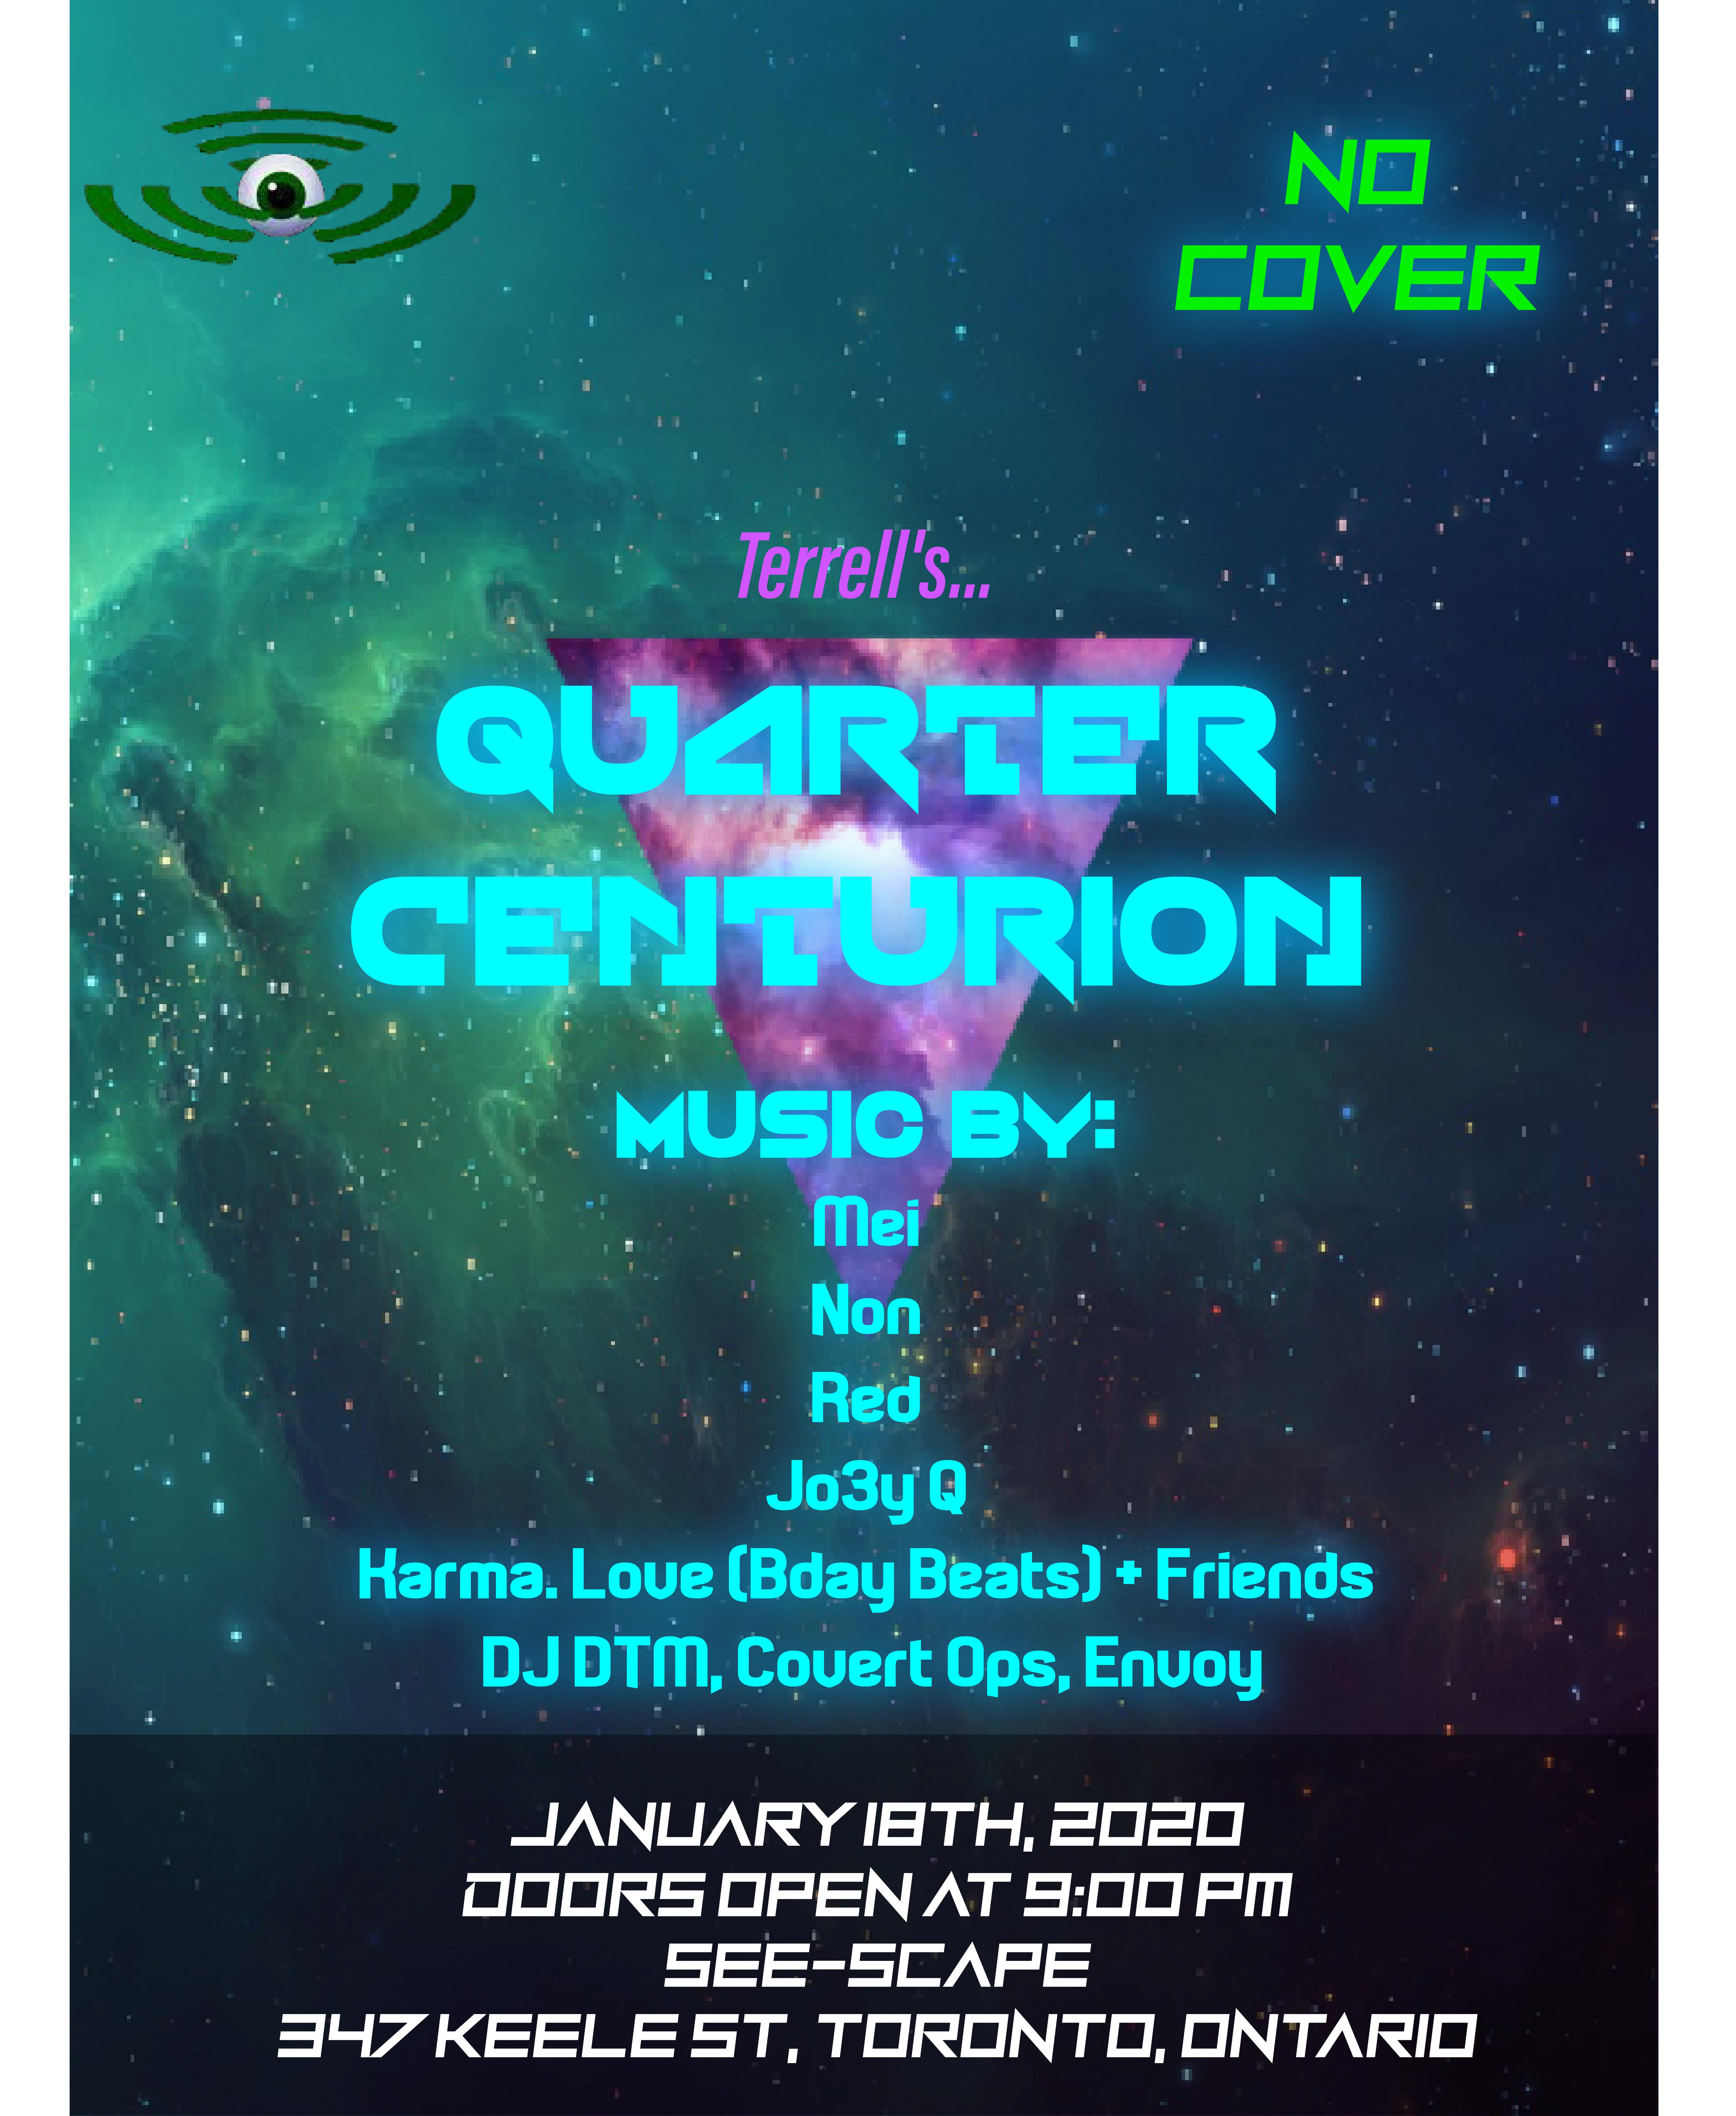 Quarter Centurion Event Poster